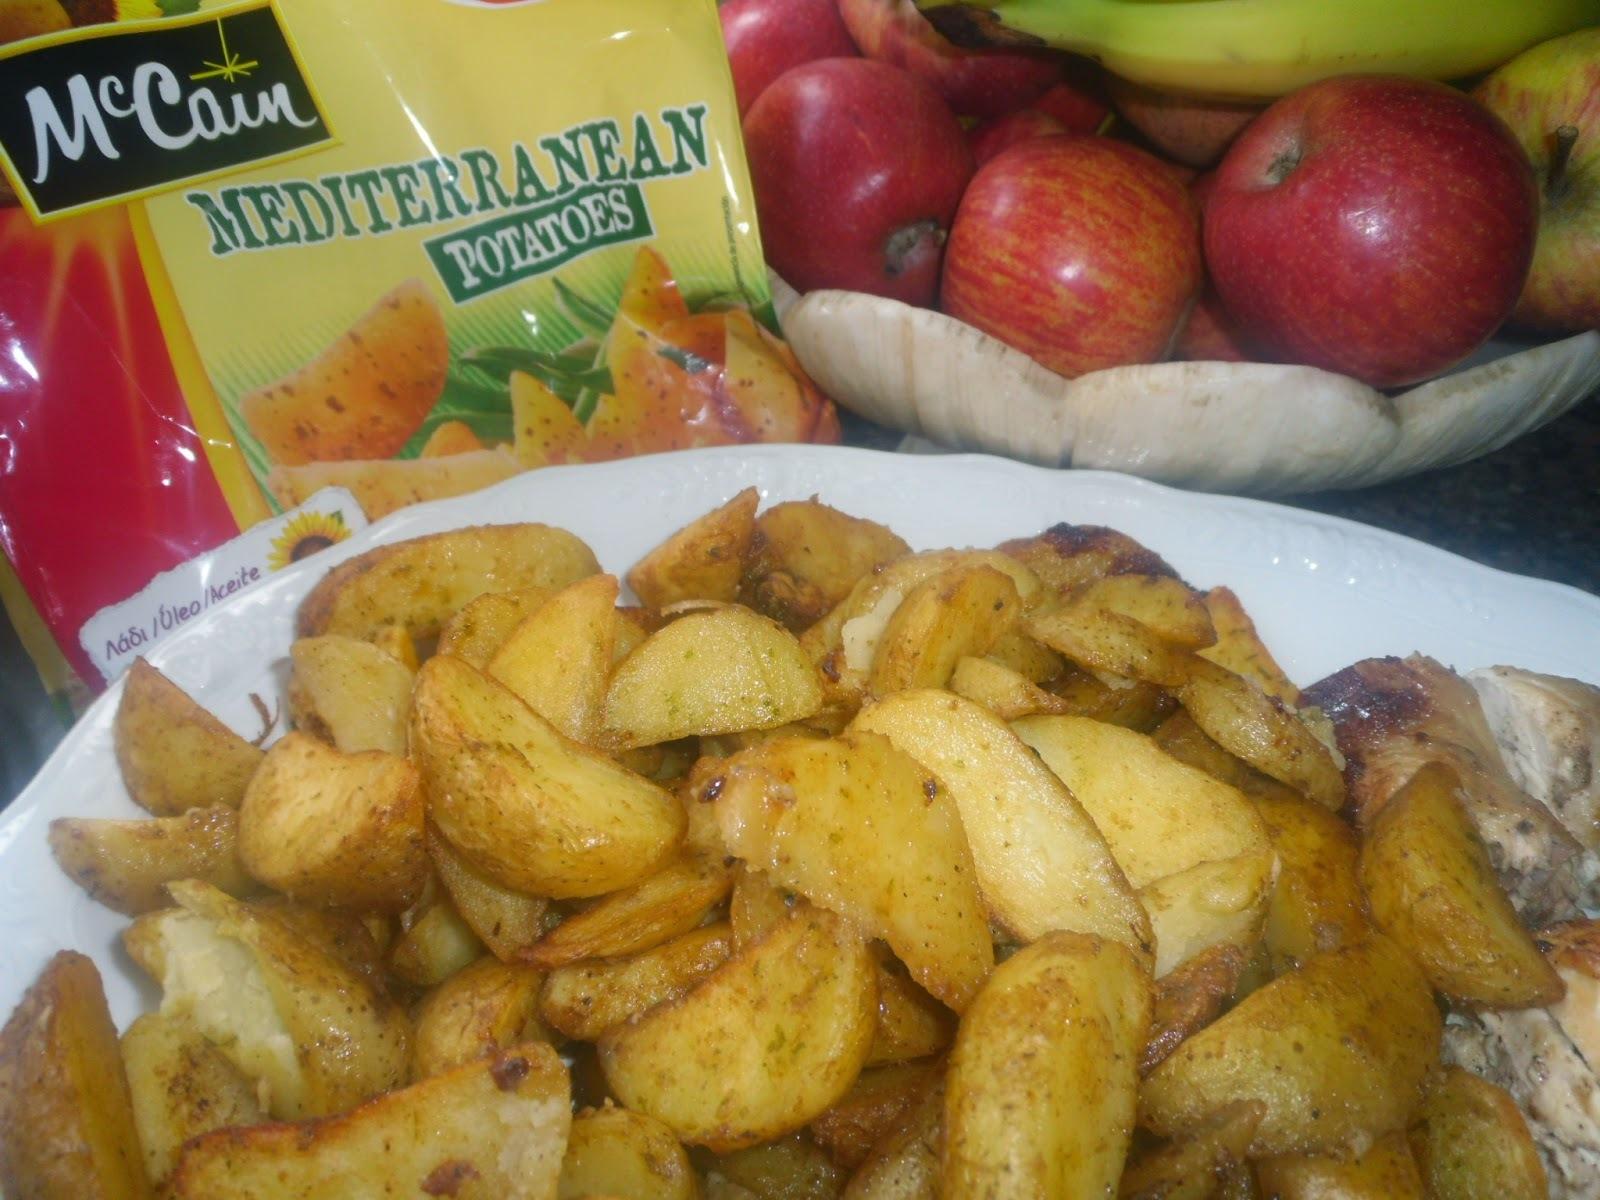 Frango assado no forno com molho de leitão e Potatoes McCain Mediterranean